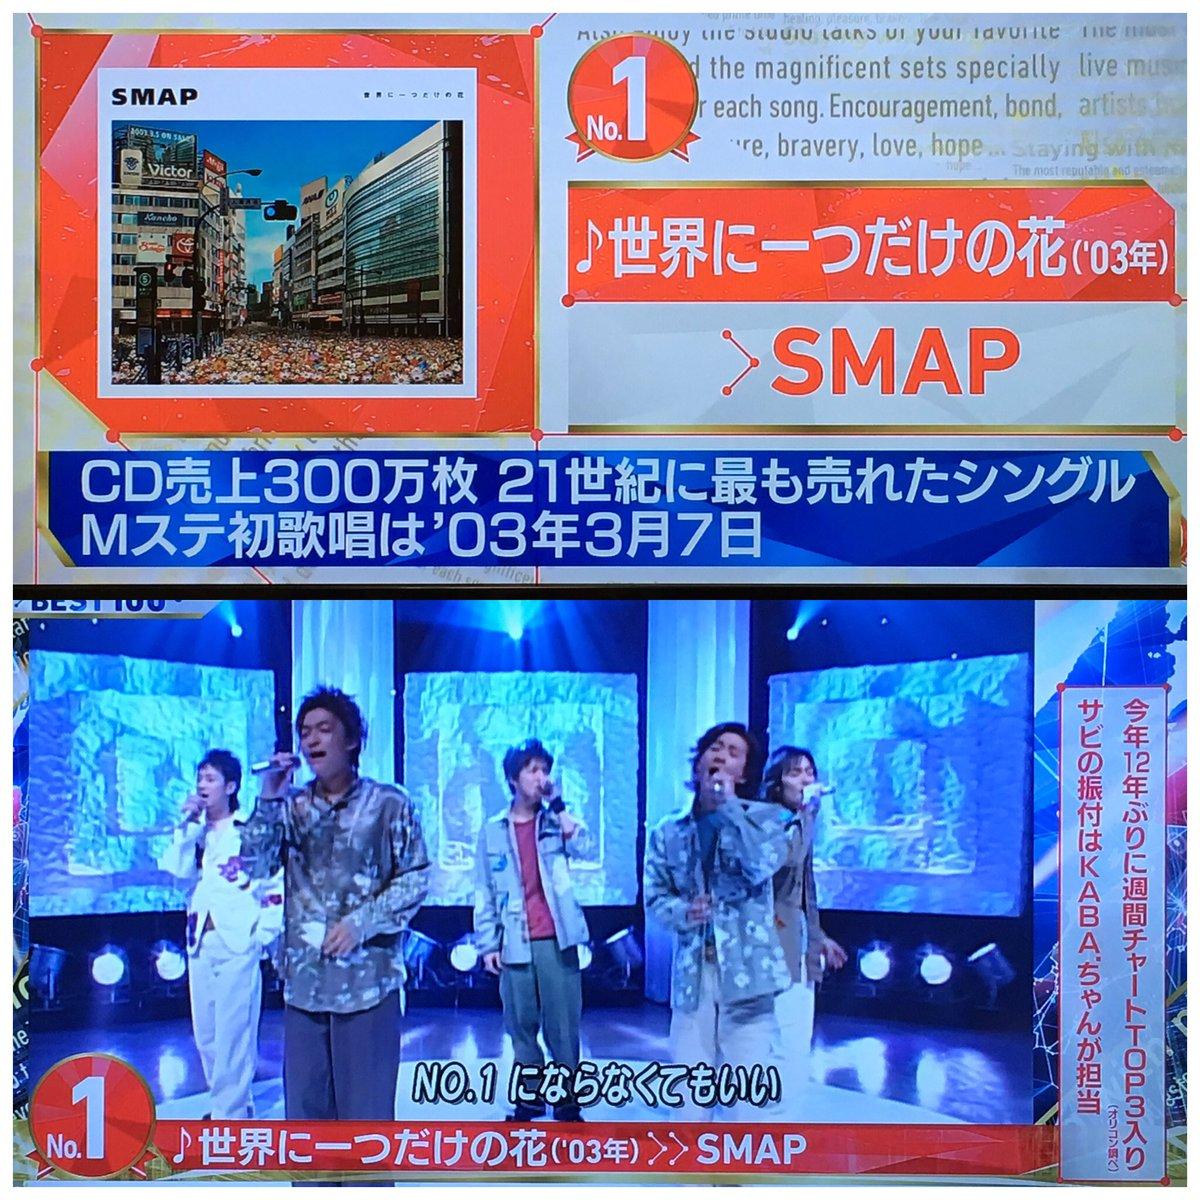 【Mステ】SMAP『世界に一つだけの花』が「日本に影響を与えた曲」の1位に!後輩も暗号で祝福?